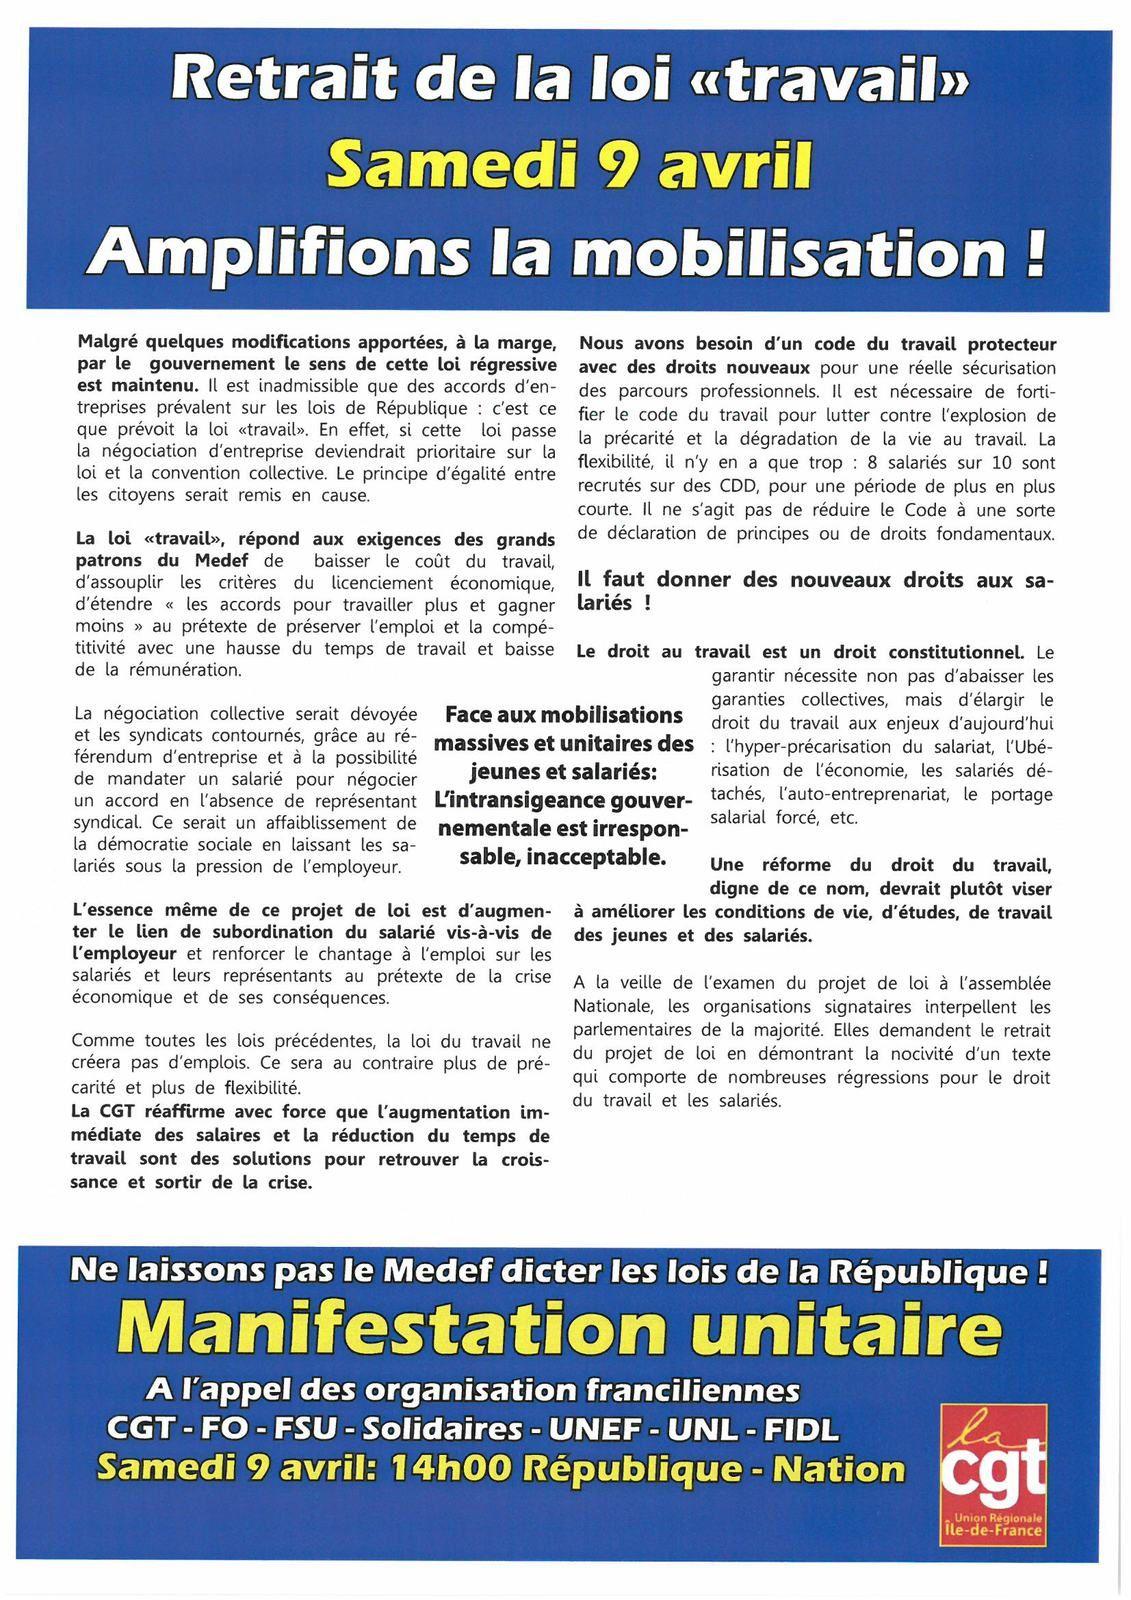 La CGT Korian appelle à la journée d'action du 9 avril.